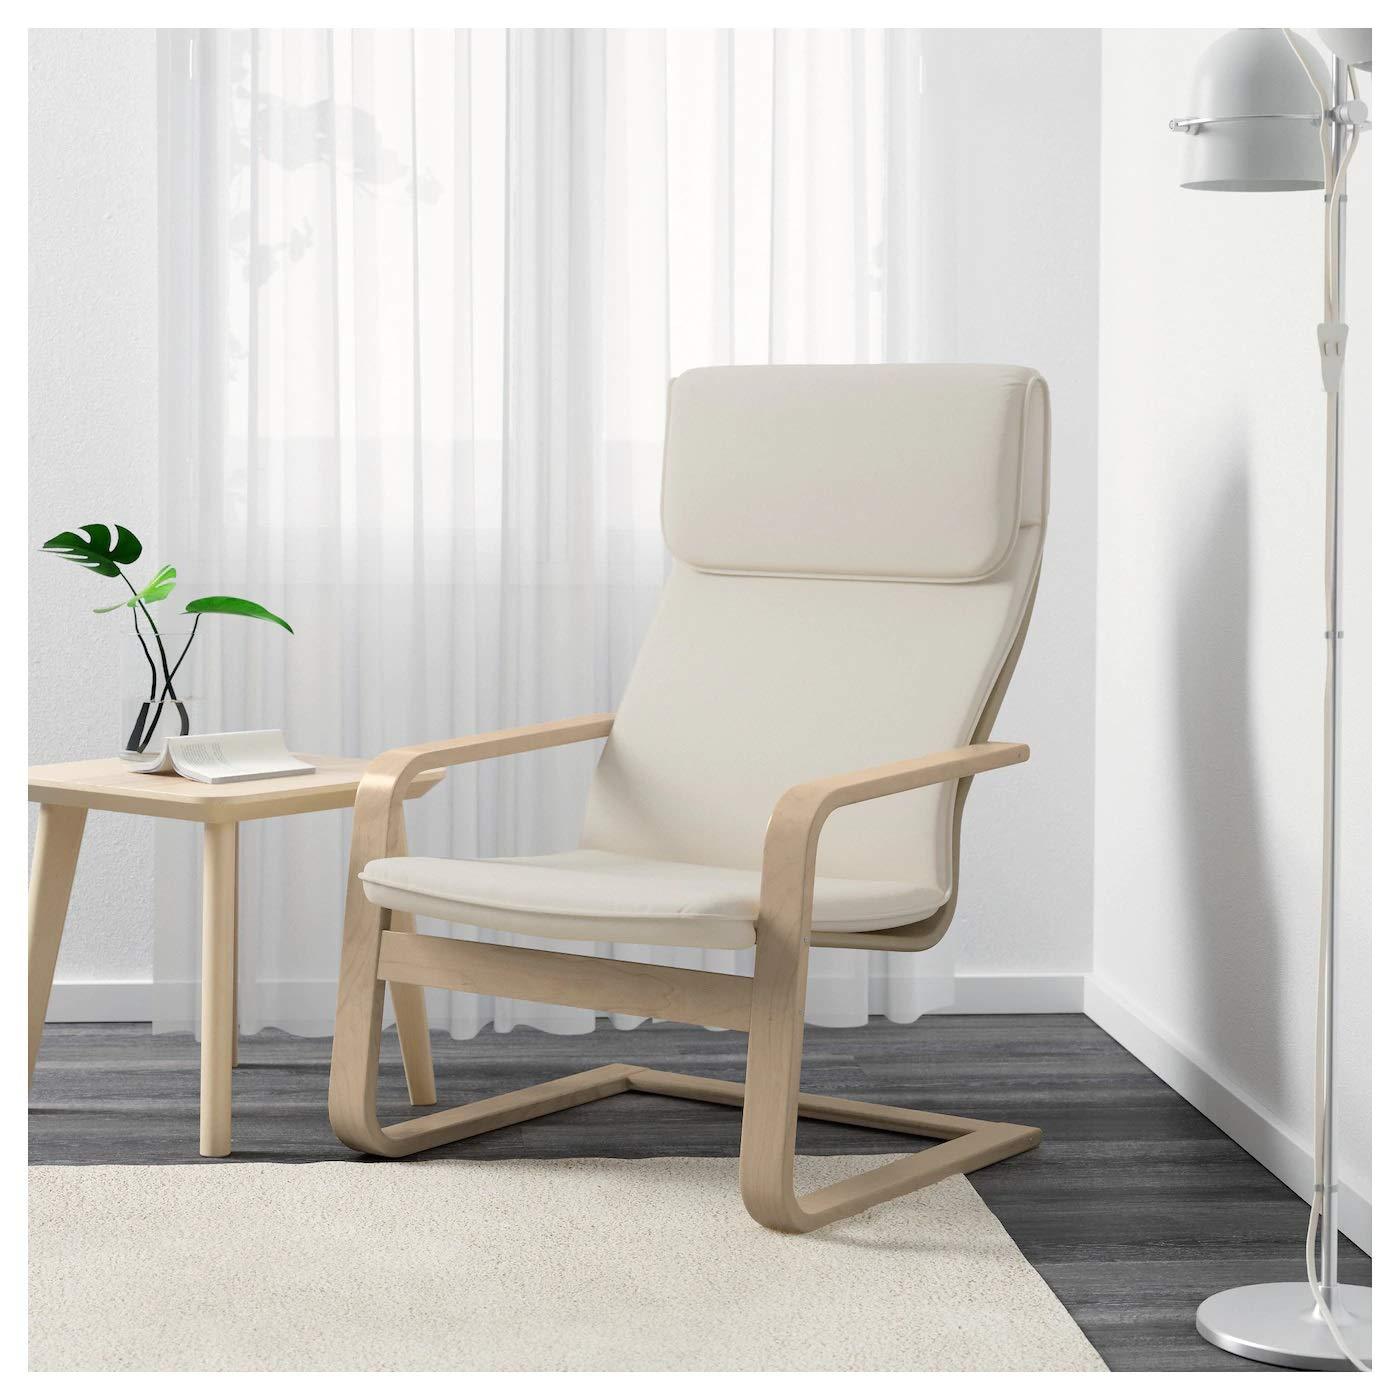 IKEA PELLO Sillon Mecedora: Amazon.es: Hogar